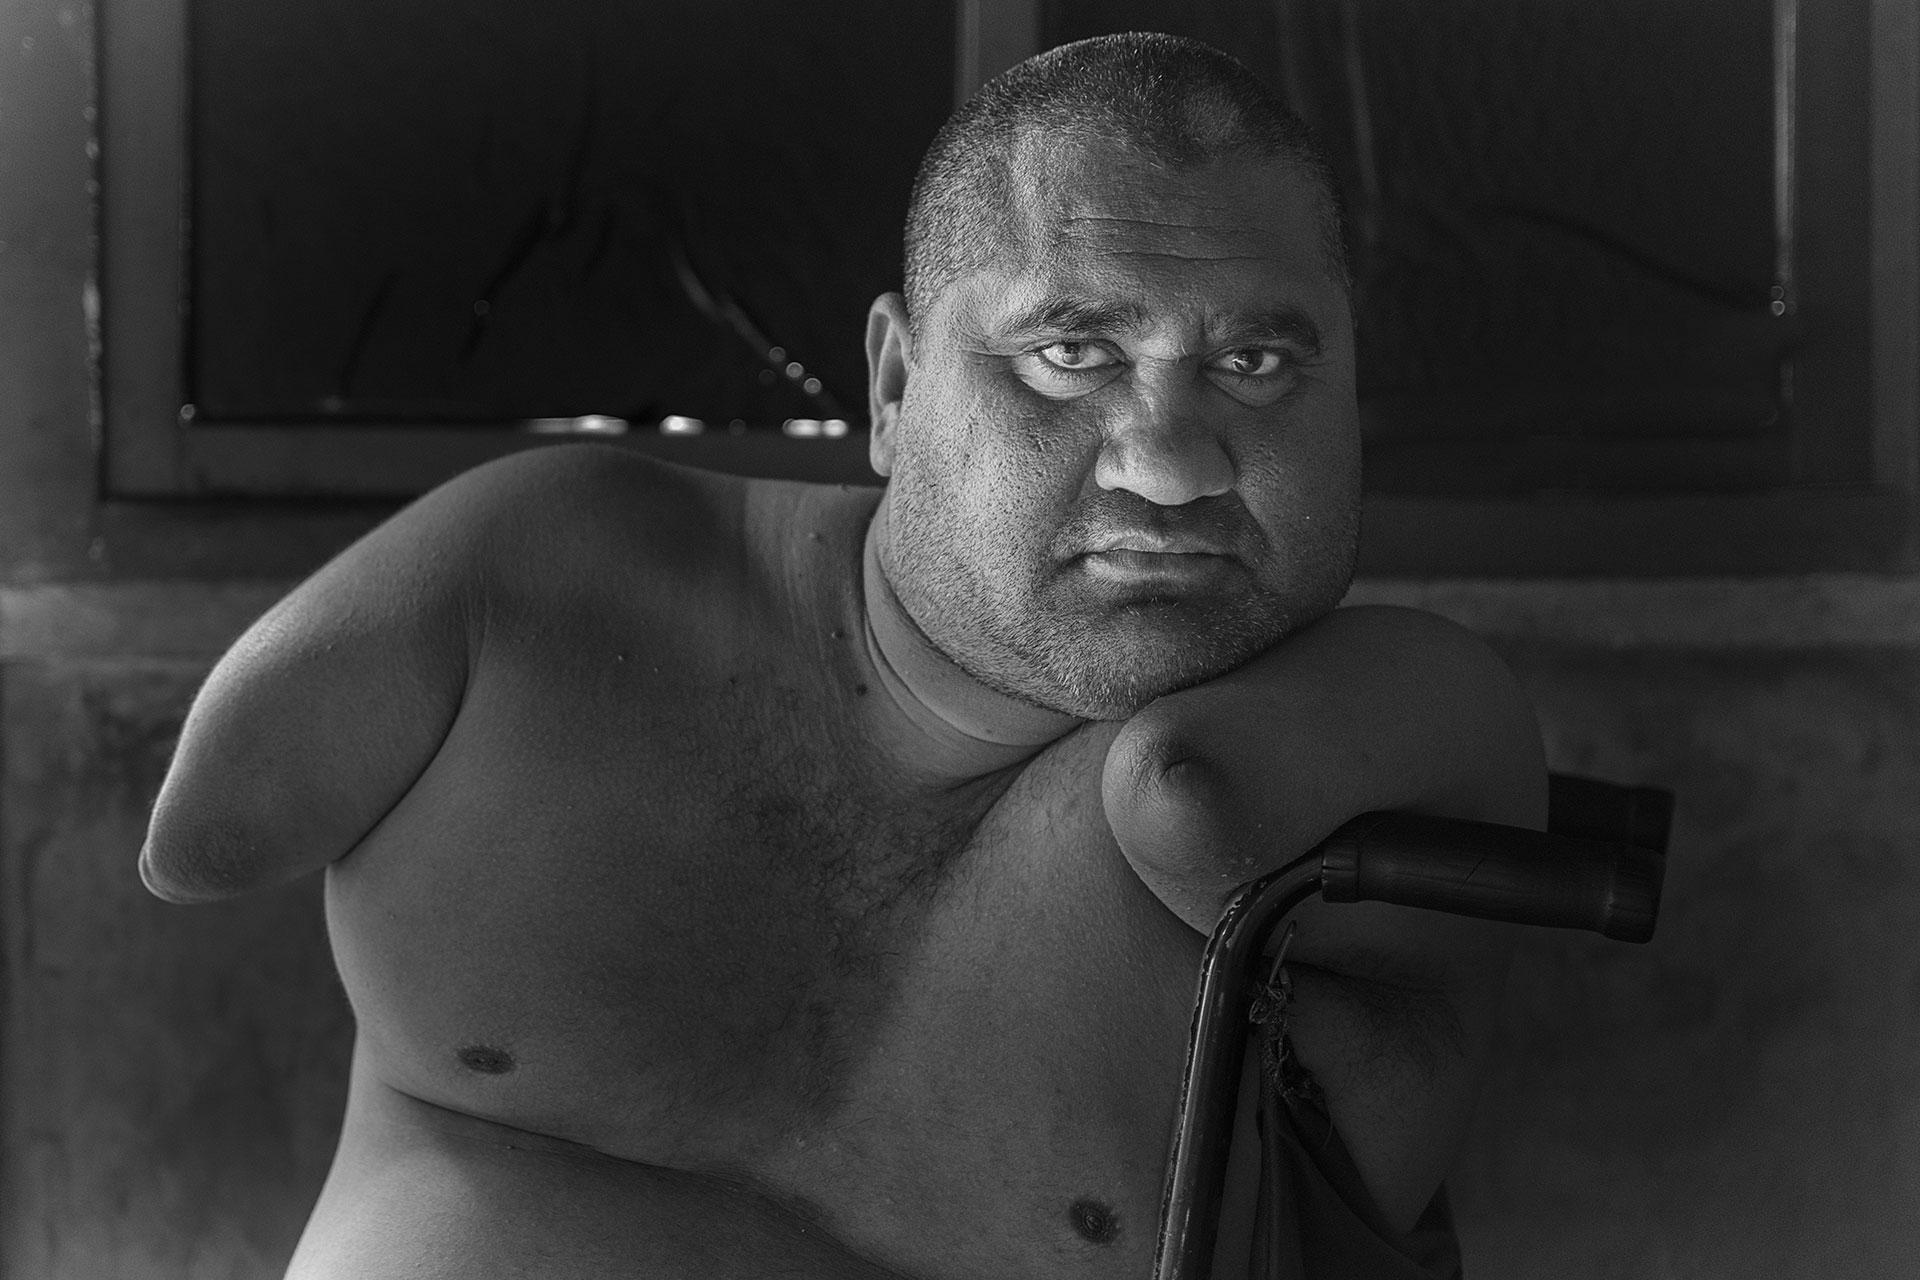 Jorge nació en un pequeño poblado rural de Argentina hace 37 años. Tiene una malformación congénita que le afecta sus cuatro extremidades debido a un medicamento con talidomida que le administraron a su madre un año antes de su nacimiento por fuera de cualquier protocolo de farmacovigilancia.